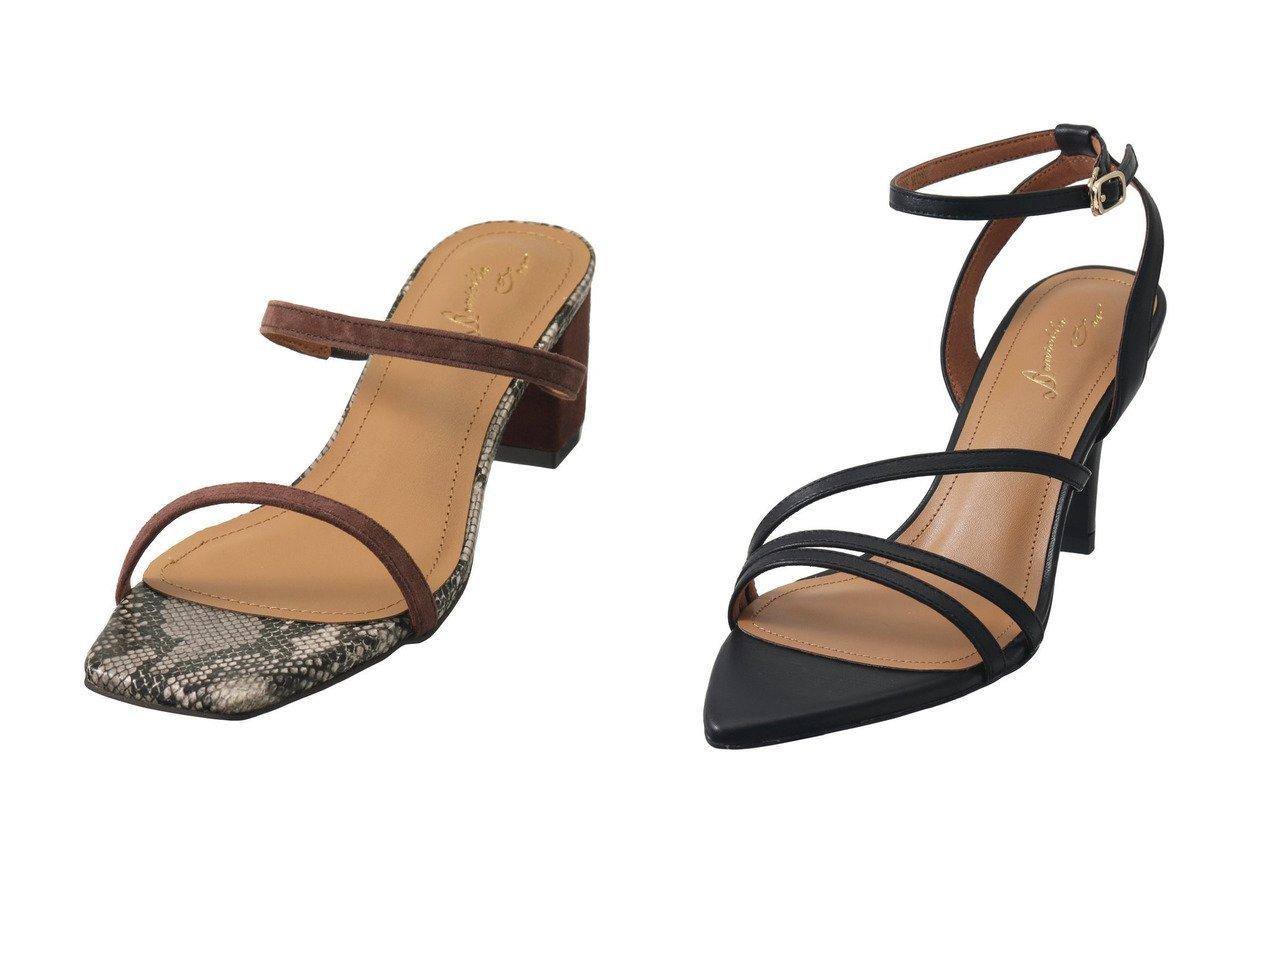 【Daniella & GEMMA/ダニエラ アンド ジェマ】のスクエアトゥチャンキーヒールサンダル&ポインテッドトゥラインストラップサンダル 【シューズ・靴】おすすめ!人気、トレンド・レディースファッションの通販 おすすめで人気の流行・トレンド、ファッションの通販商品 インテリア・家具・メンズファッション・キッズファッション・レディースファッション・服の通販 founy(ファニー) https://founy.com/ ファッション Fashion レディースファッション WOMEN S/S・春夏 SS・Spring/Summer コンビ サンダル スエード フィット 春 Spring ラップ |ID:crp329100000040298